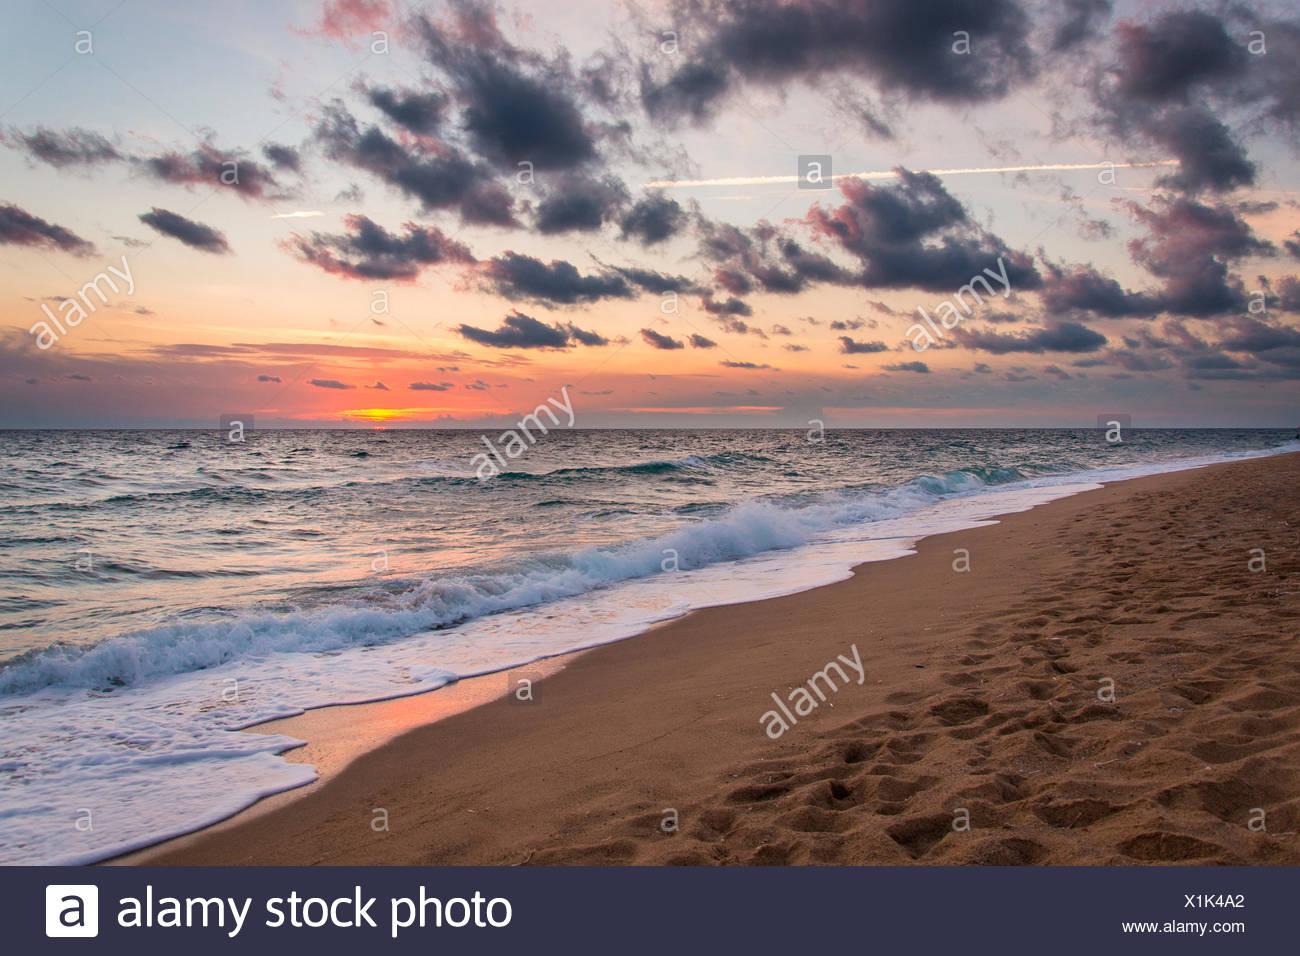 Sonnenuntergang am Strand von Piscinas, Costa Verde, Arbus, Provinz Medio Campidano, Sardinien, Italien, Europa. Stockbild